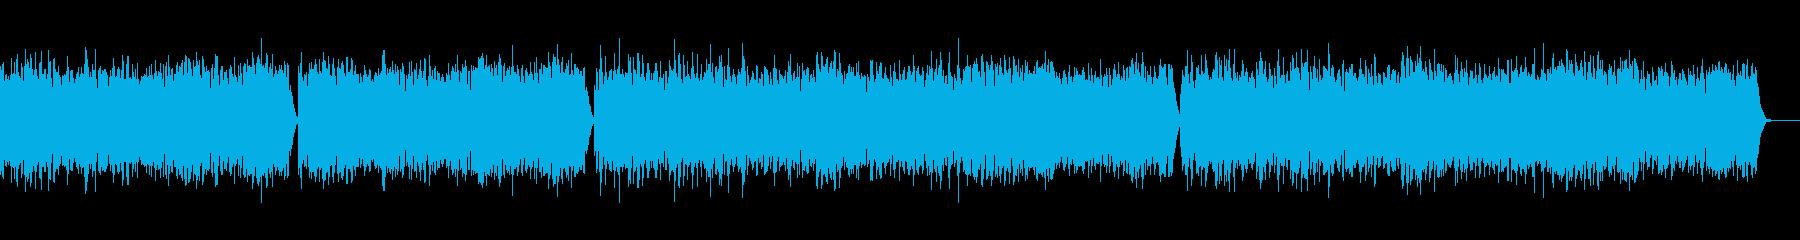 上品で繊細なチェンバロ バロック・高音質の再生済みの波形